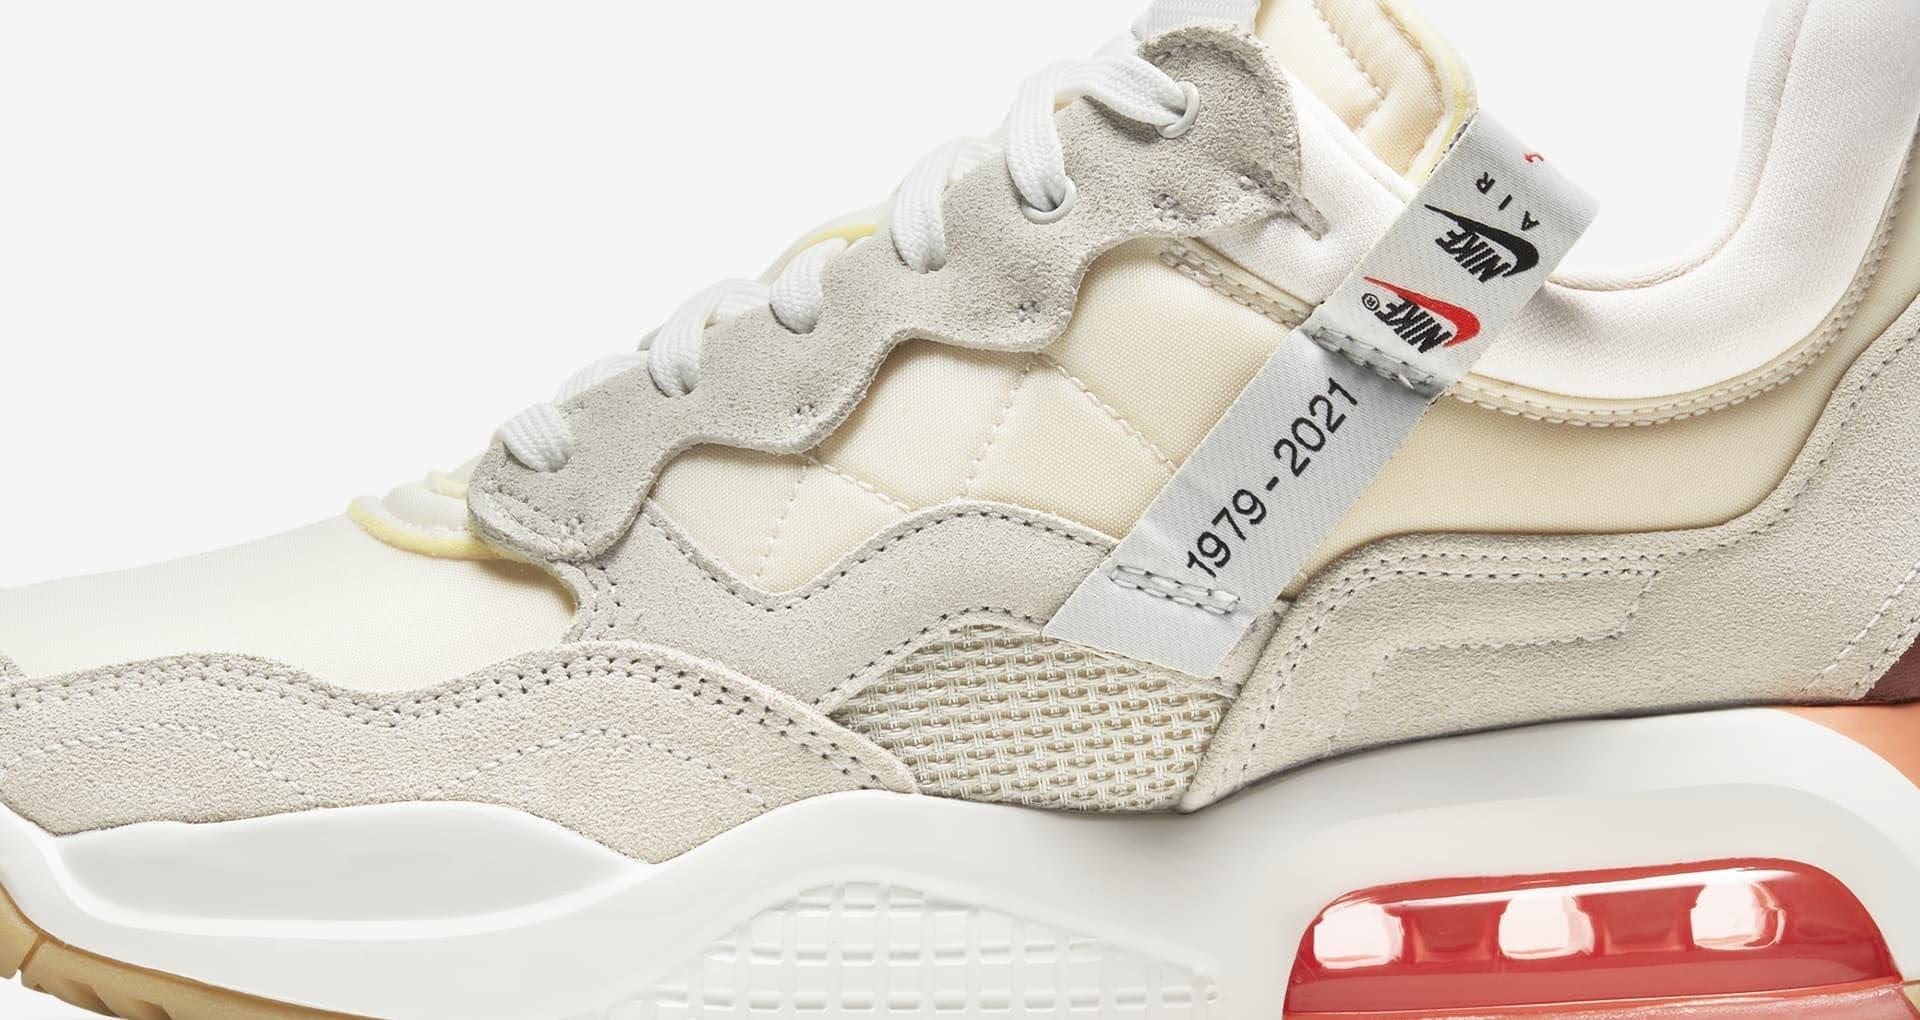 """ナイキ ジョーダン MA2 """"フューチャー ビギニングス"""" Nike-jordan-ma2-future-beginnings-DA2552-100-side-closeup"""